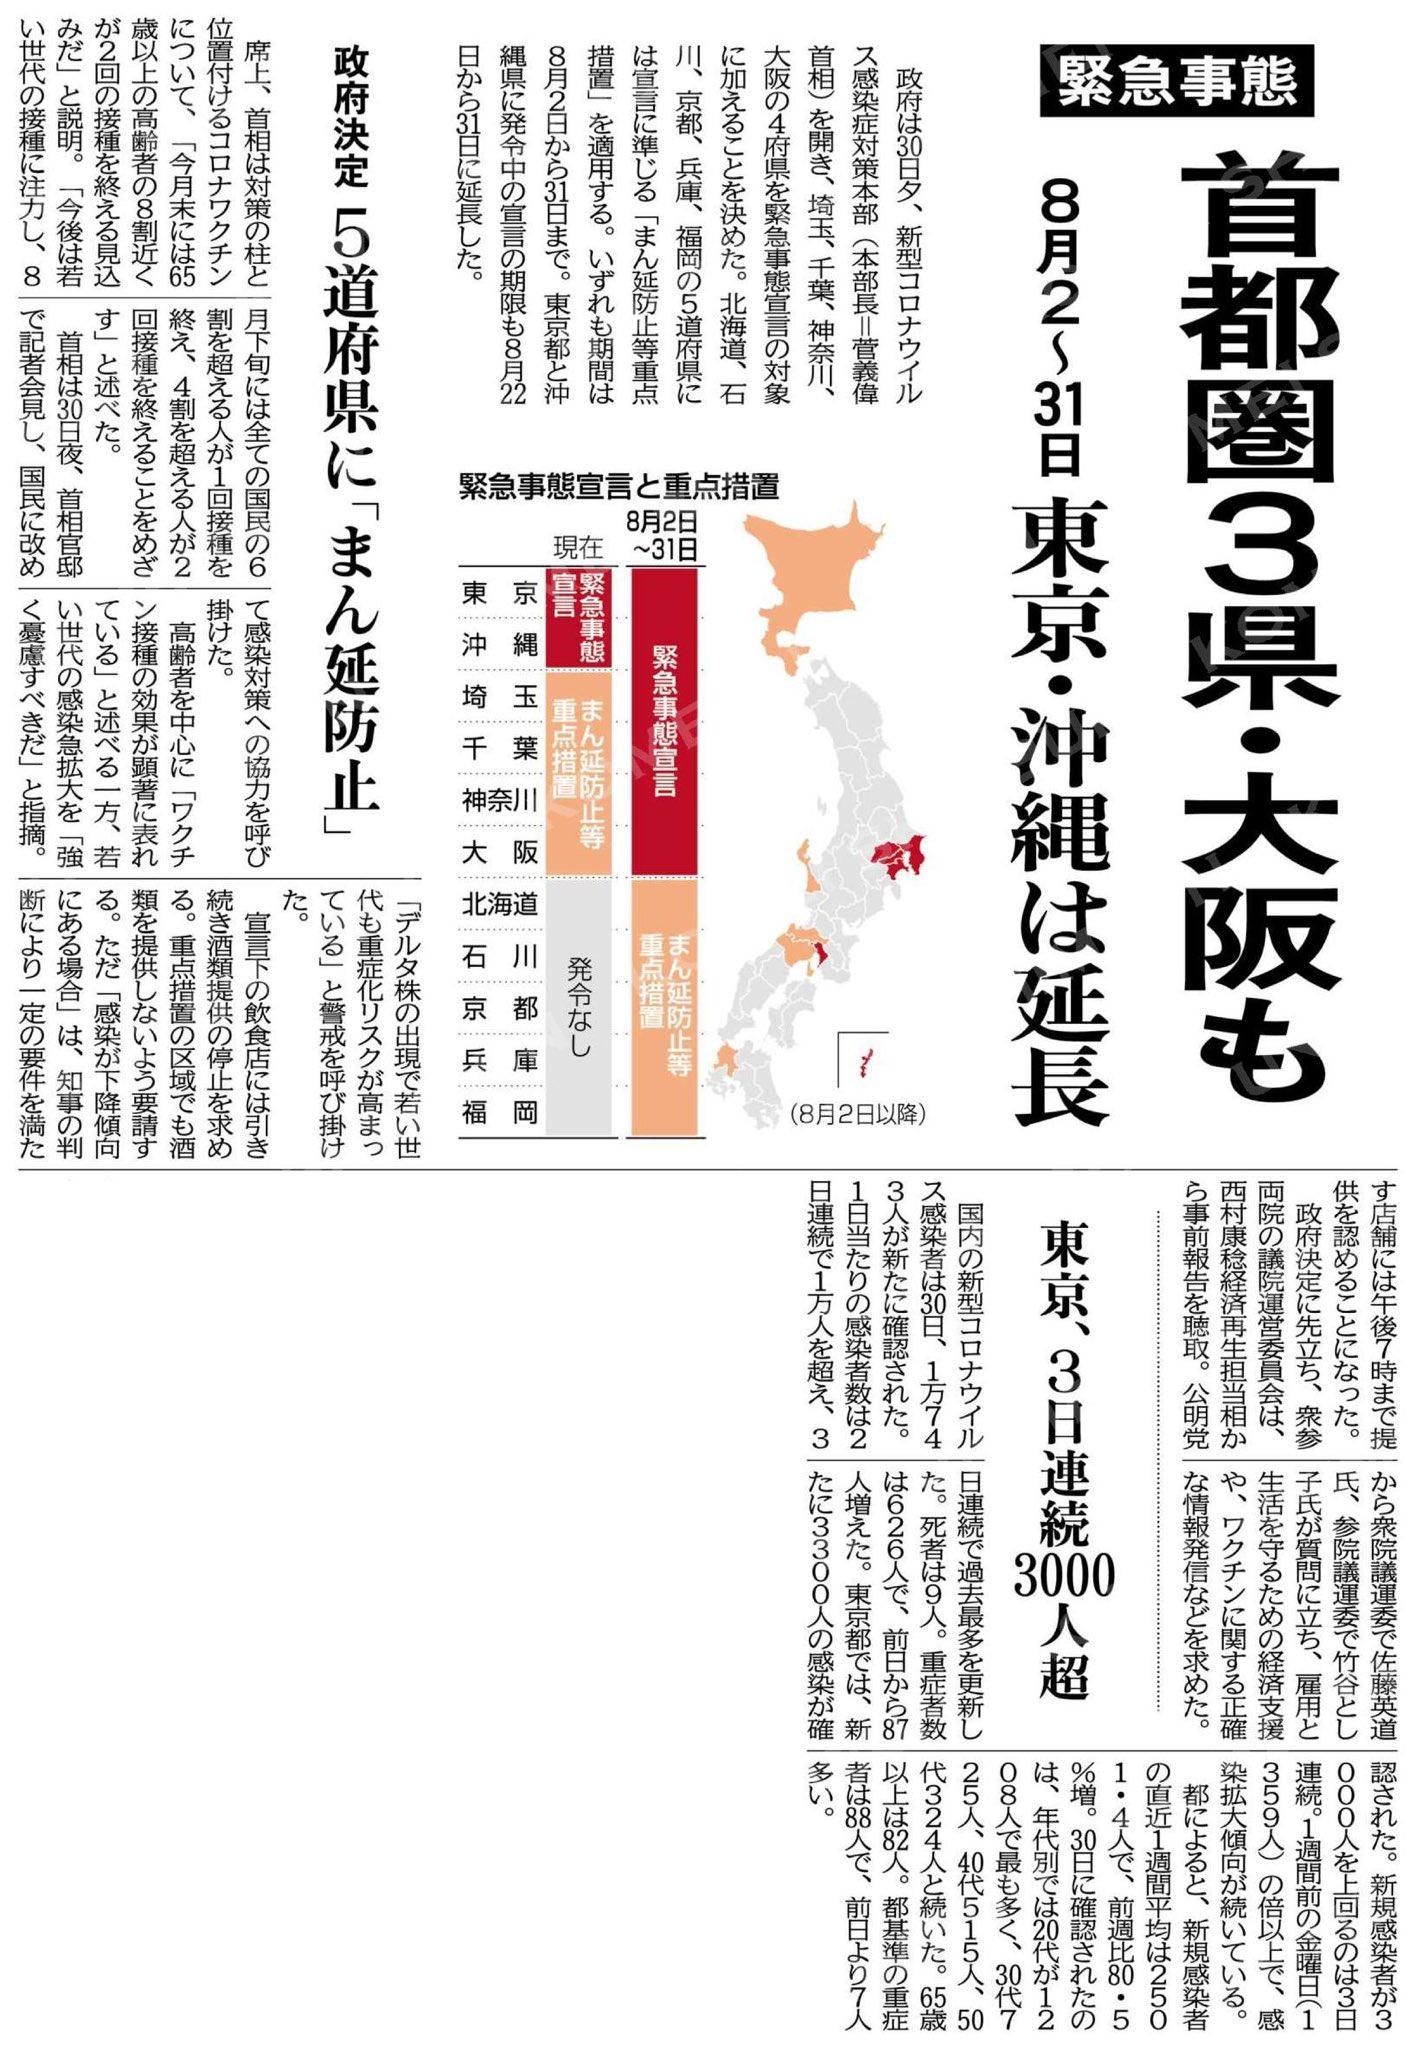 兵庫県にまん延防止等重点措置